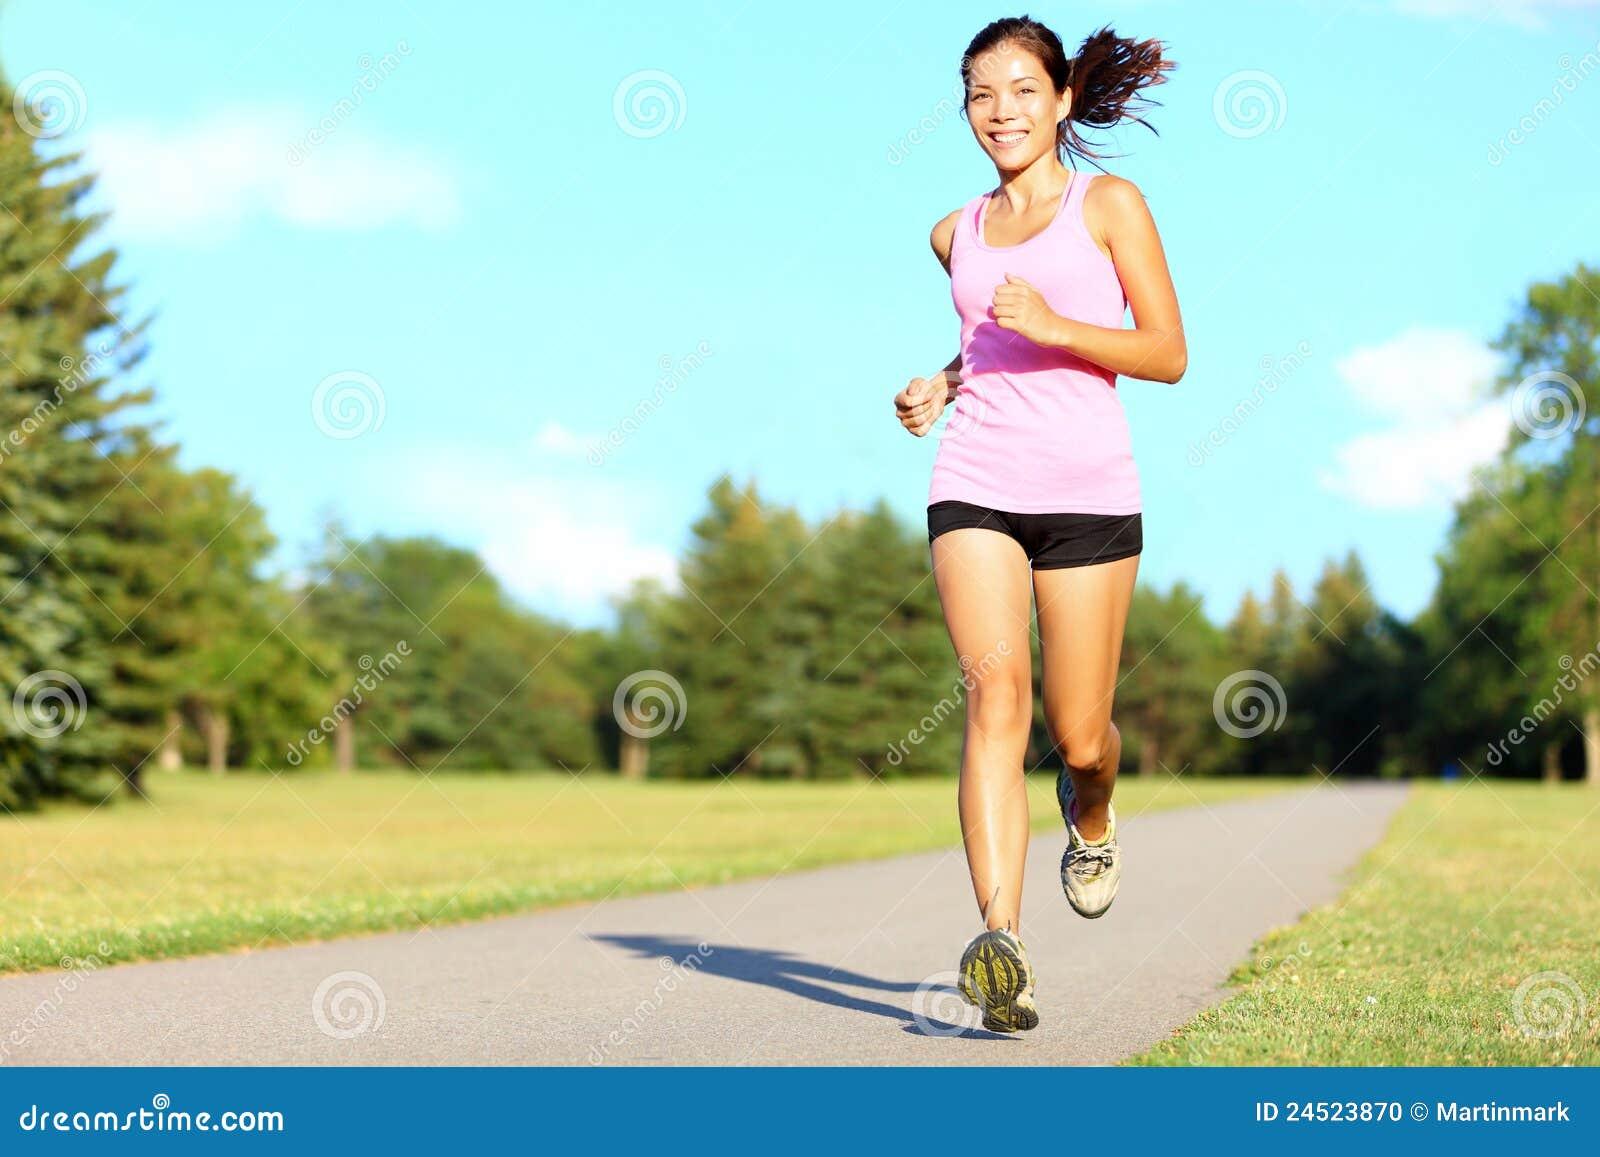 Running sportkvinna för kondition